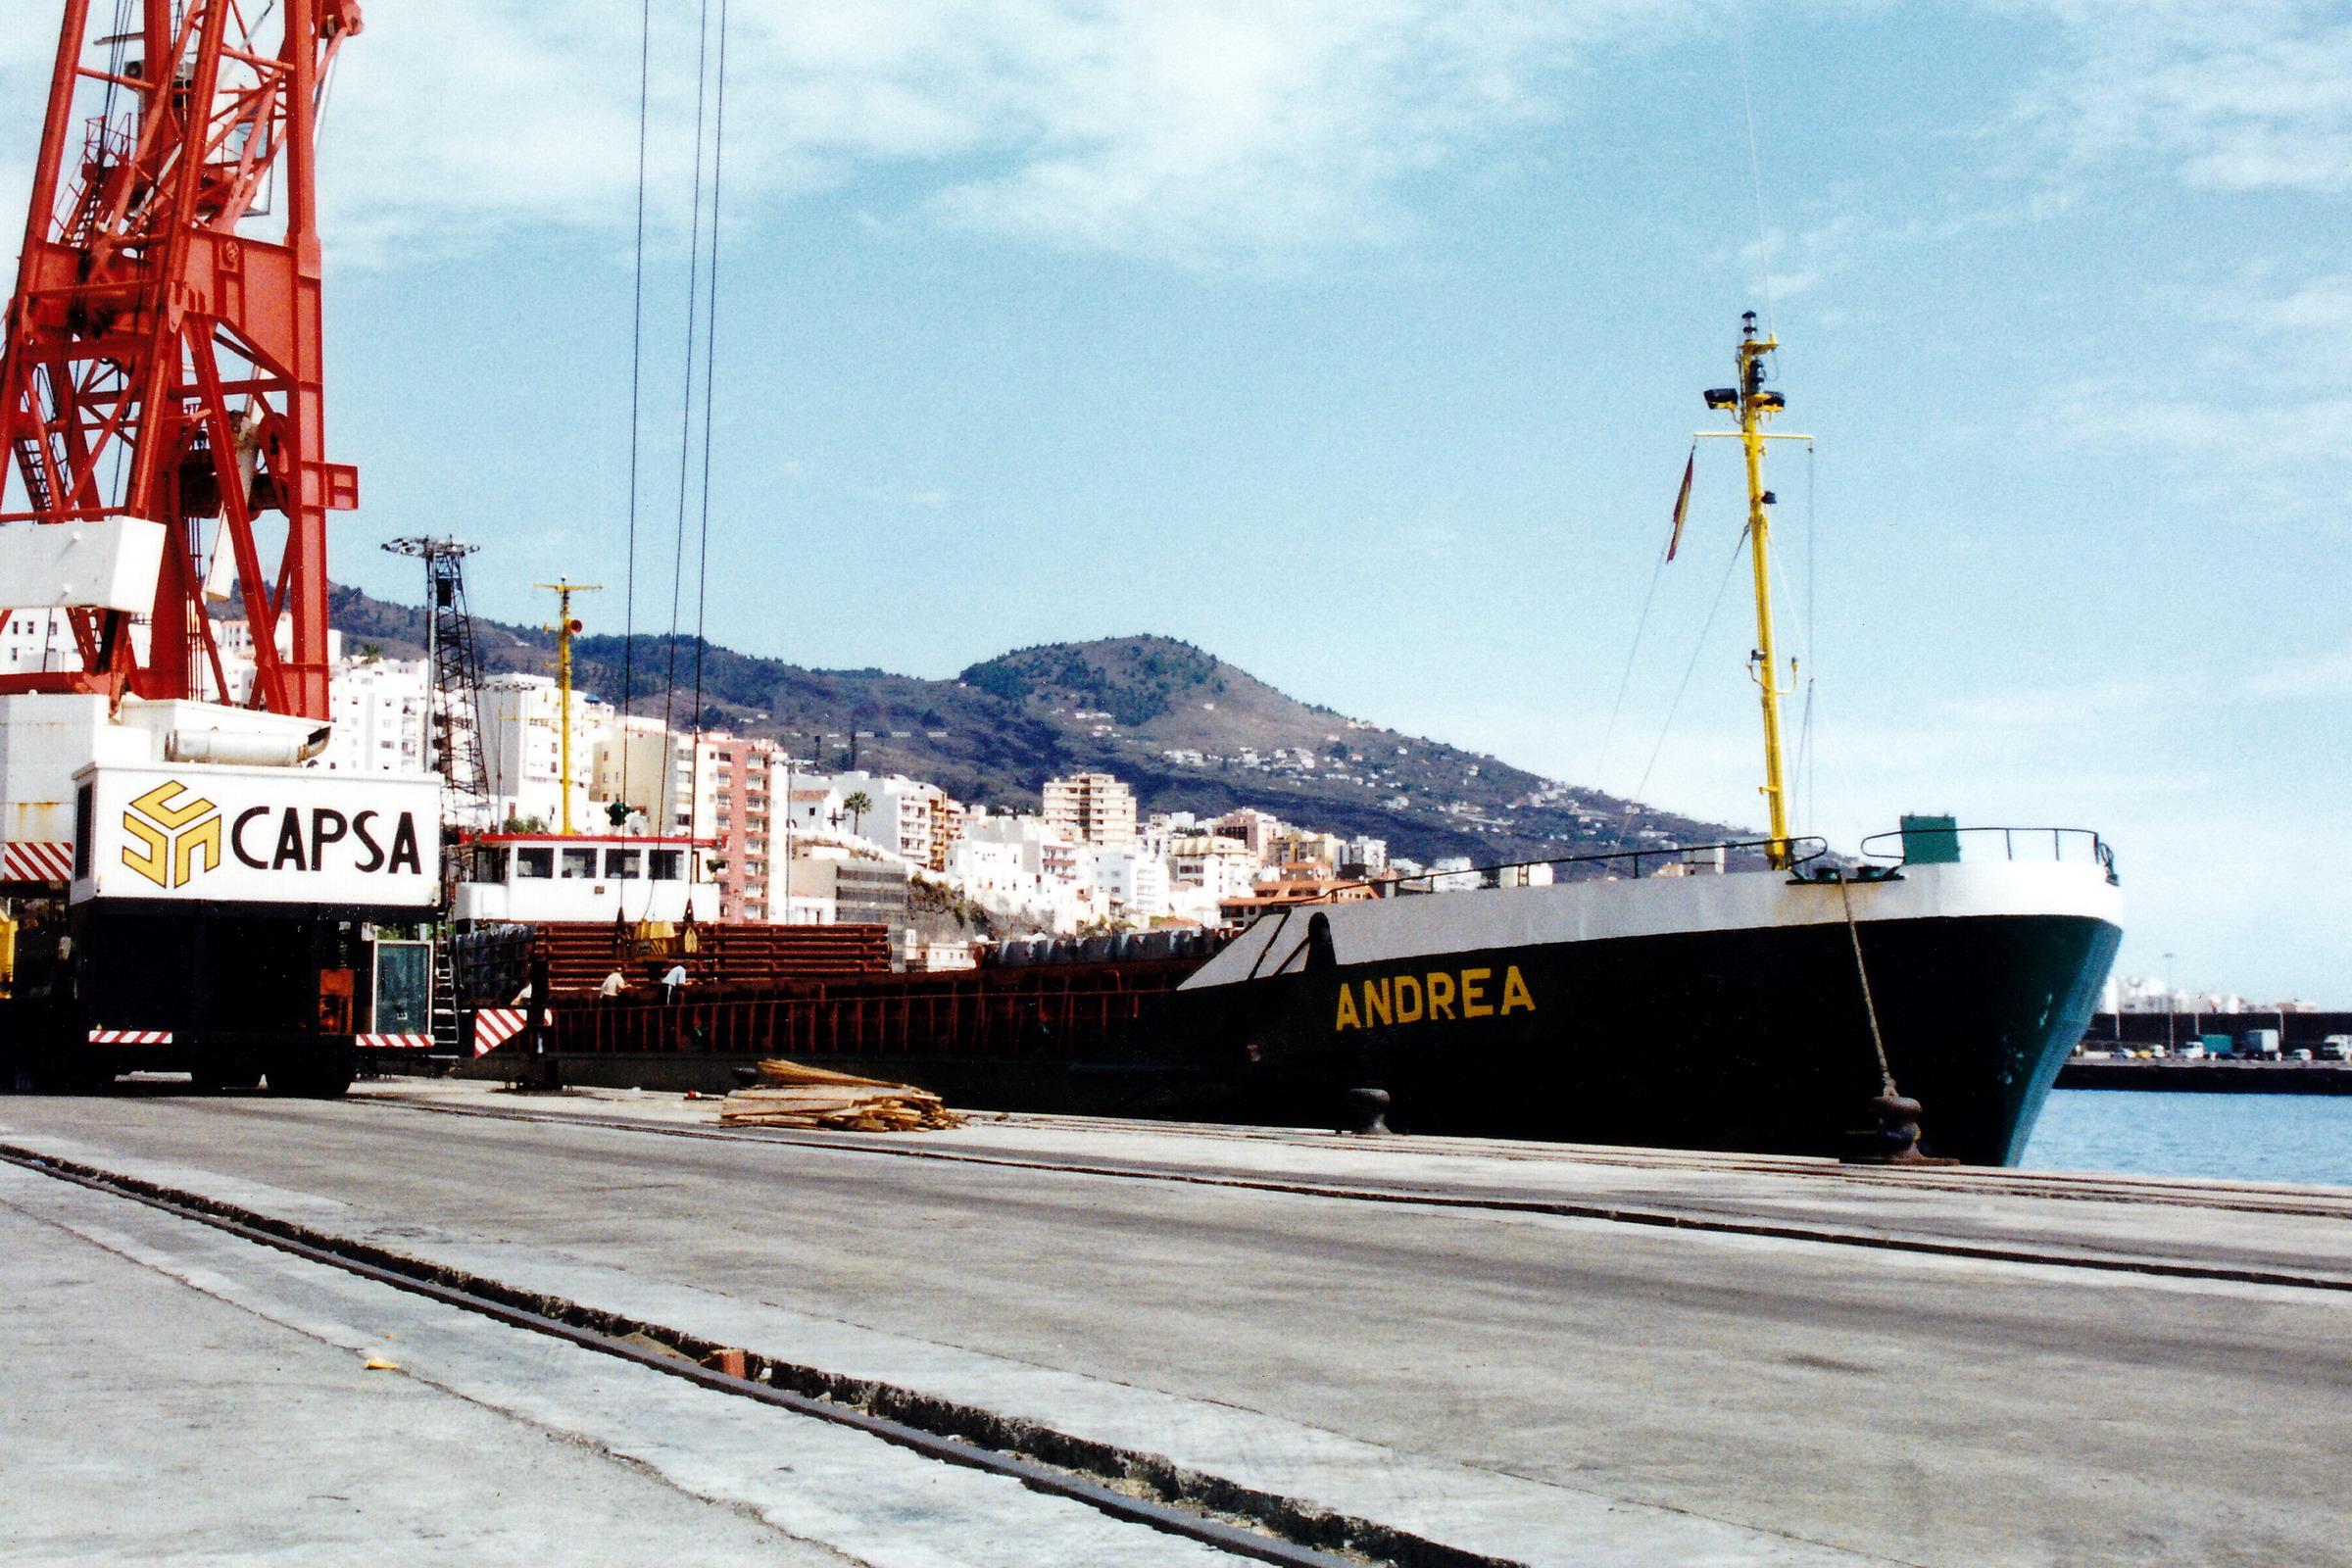 ANDREA_8104591_©Jorge_L._Henríquez_Hernández._27_septiembre_2002._Primera_escala_(1)